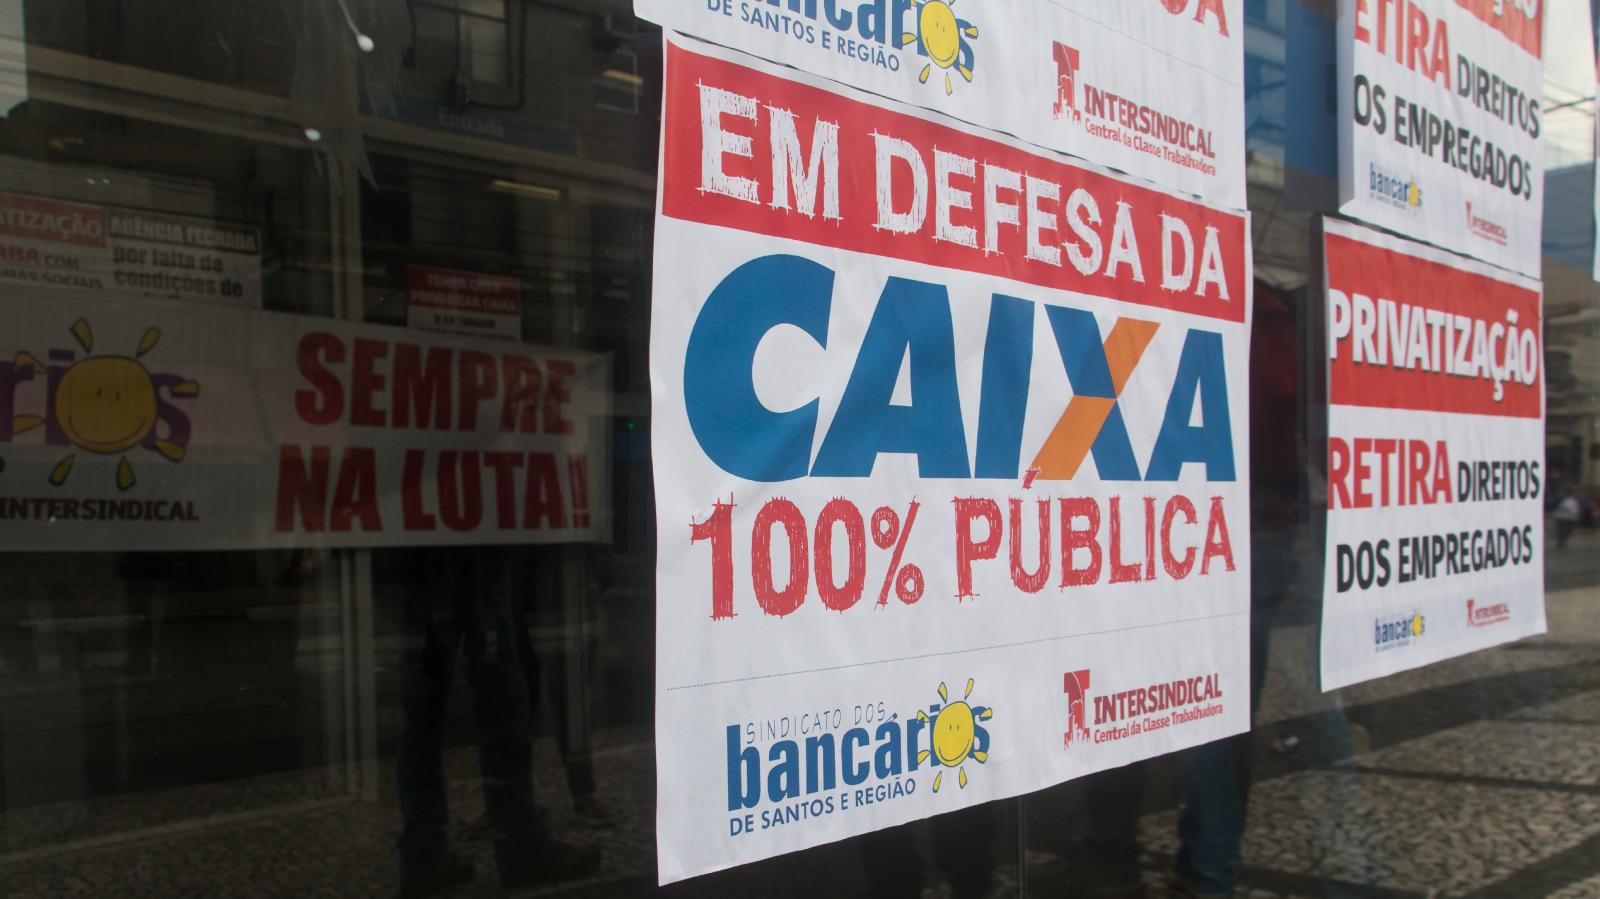 Movimento sindical cobra contratações e respeito aos empregados Caixa